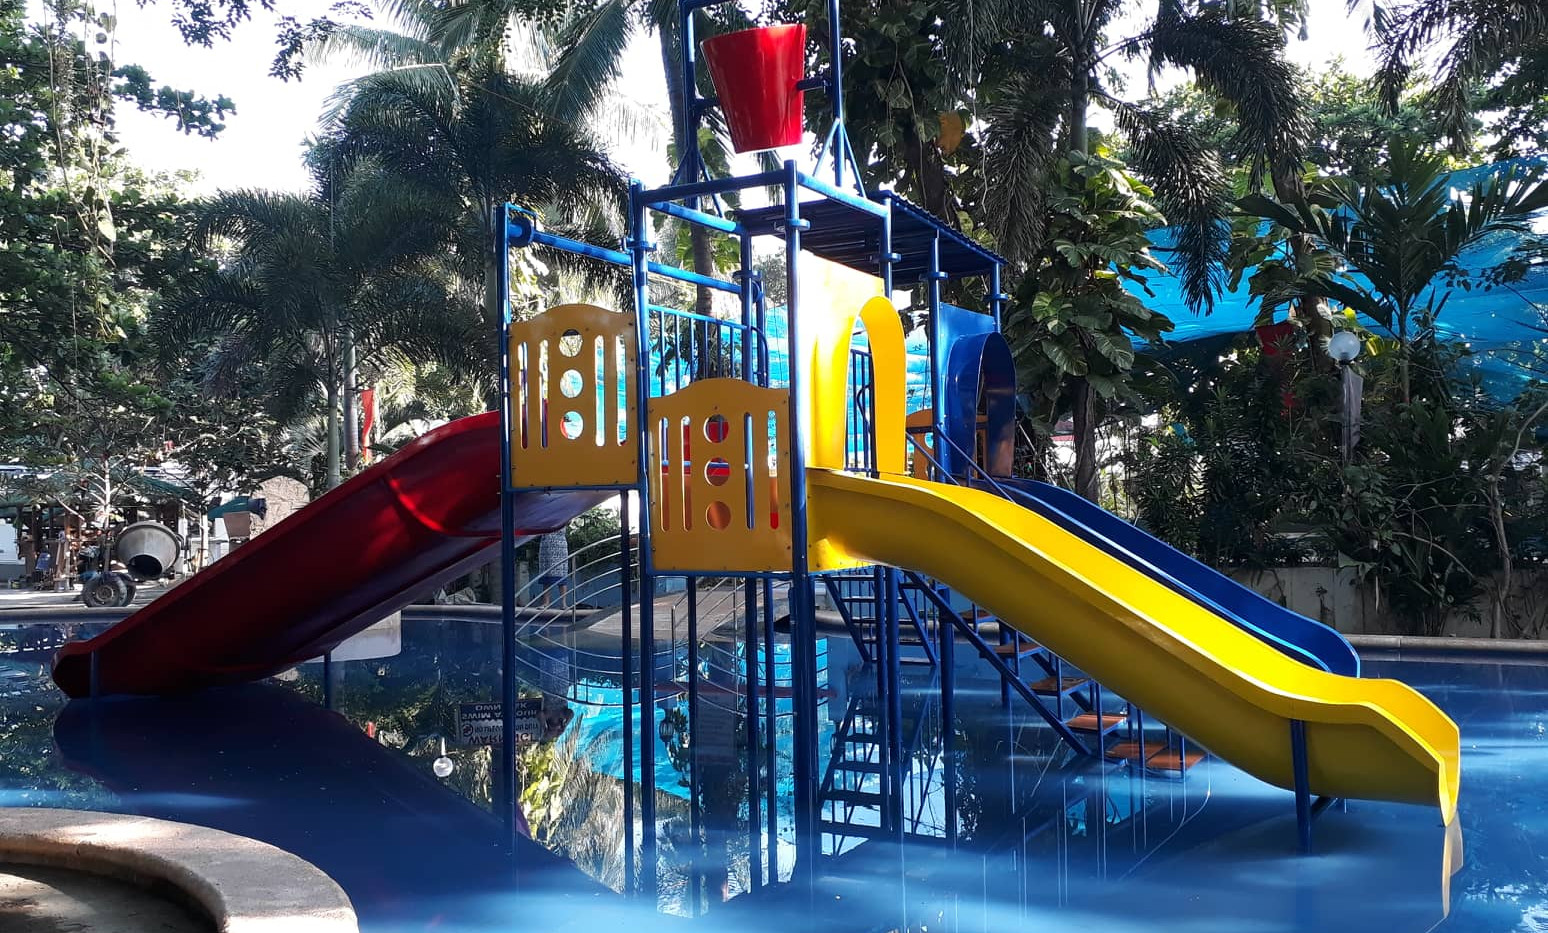 Water Slildes (Spongebob)  - Double Slide - Long Slide - Water Bucket - Panel and Flooring - Steel Framing